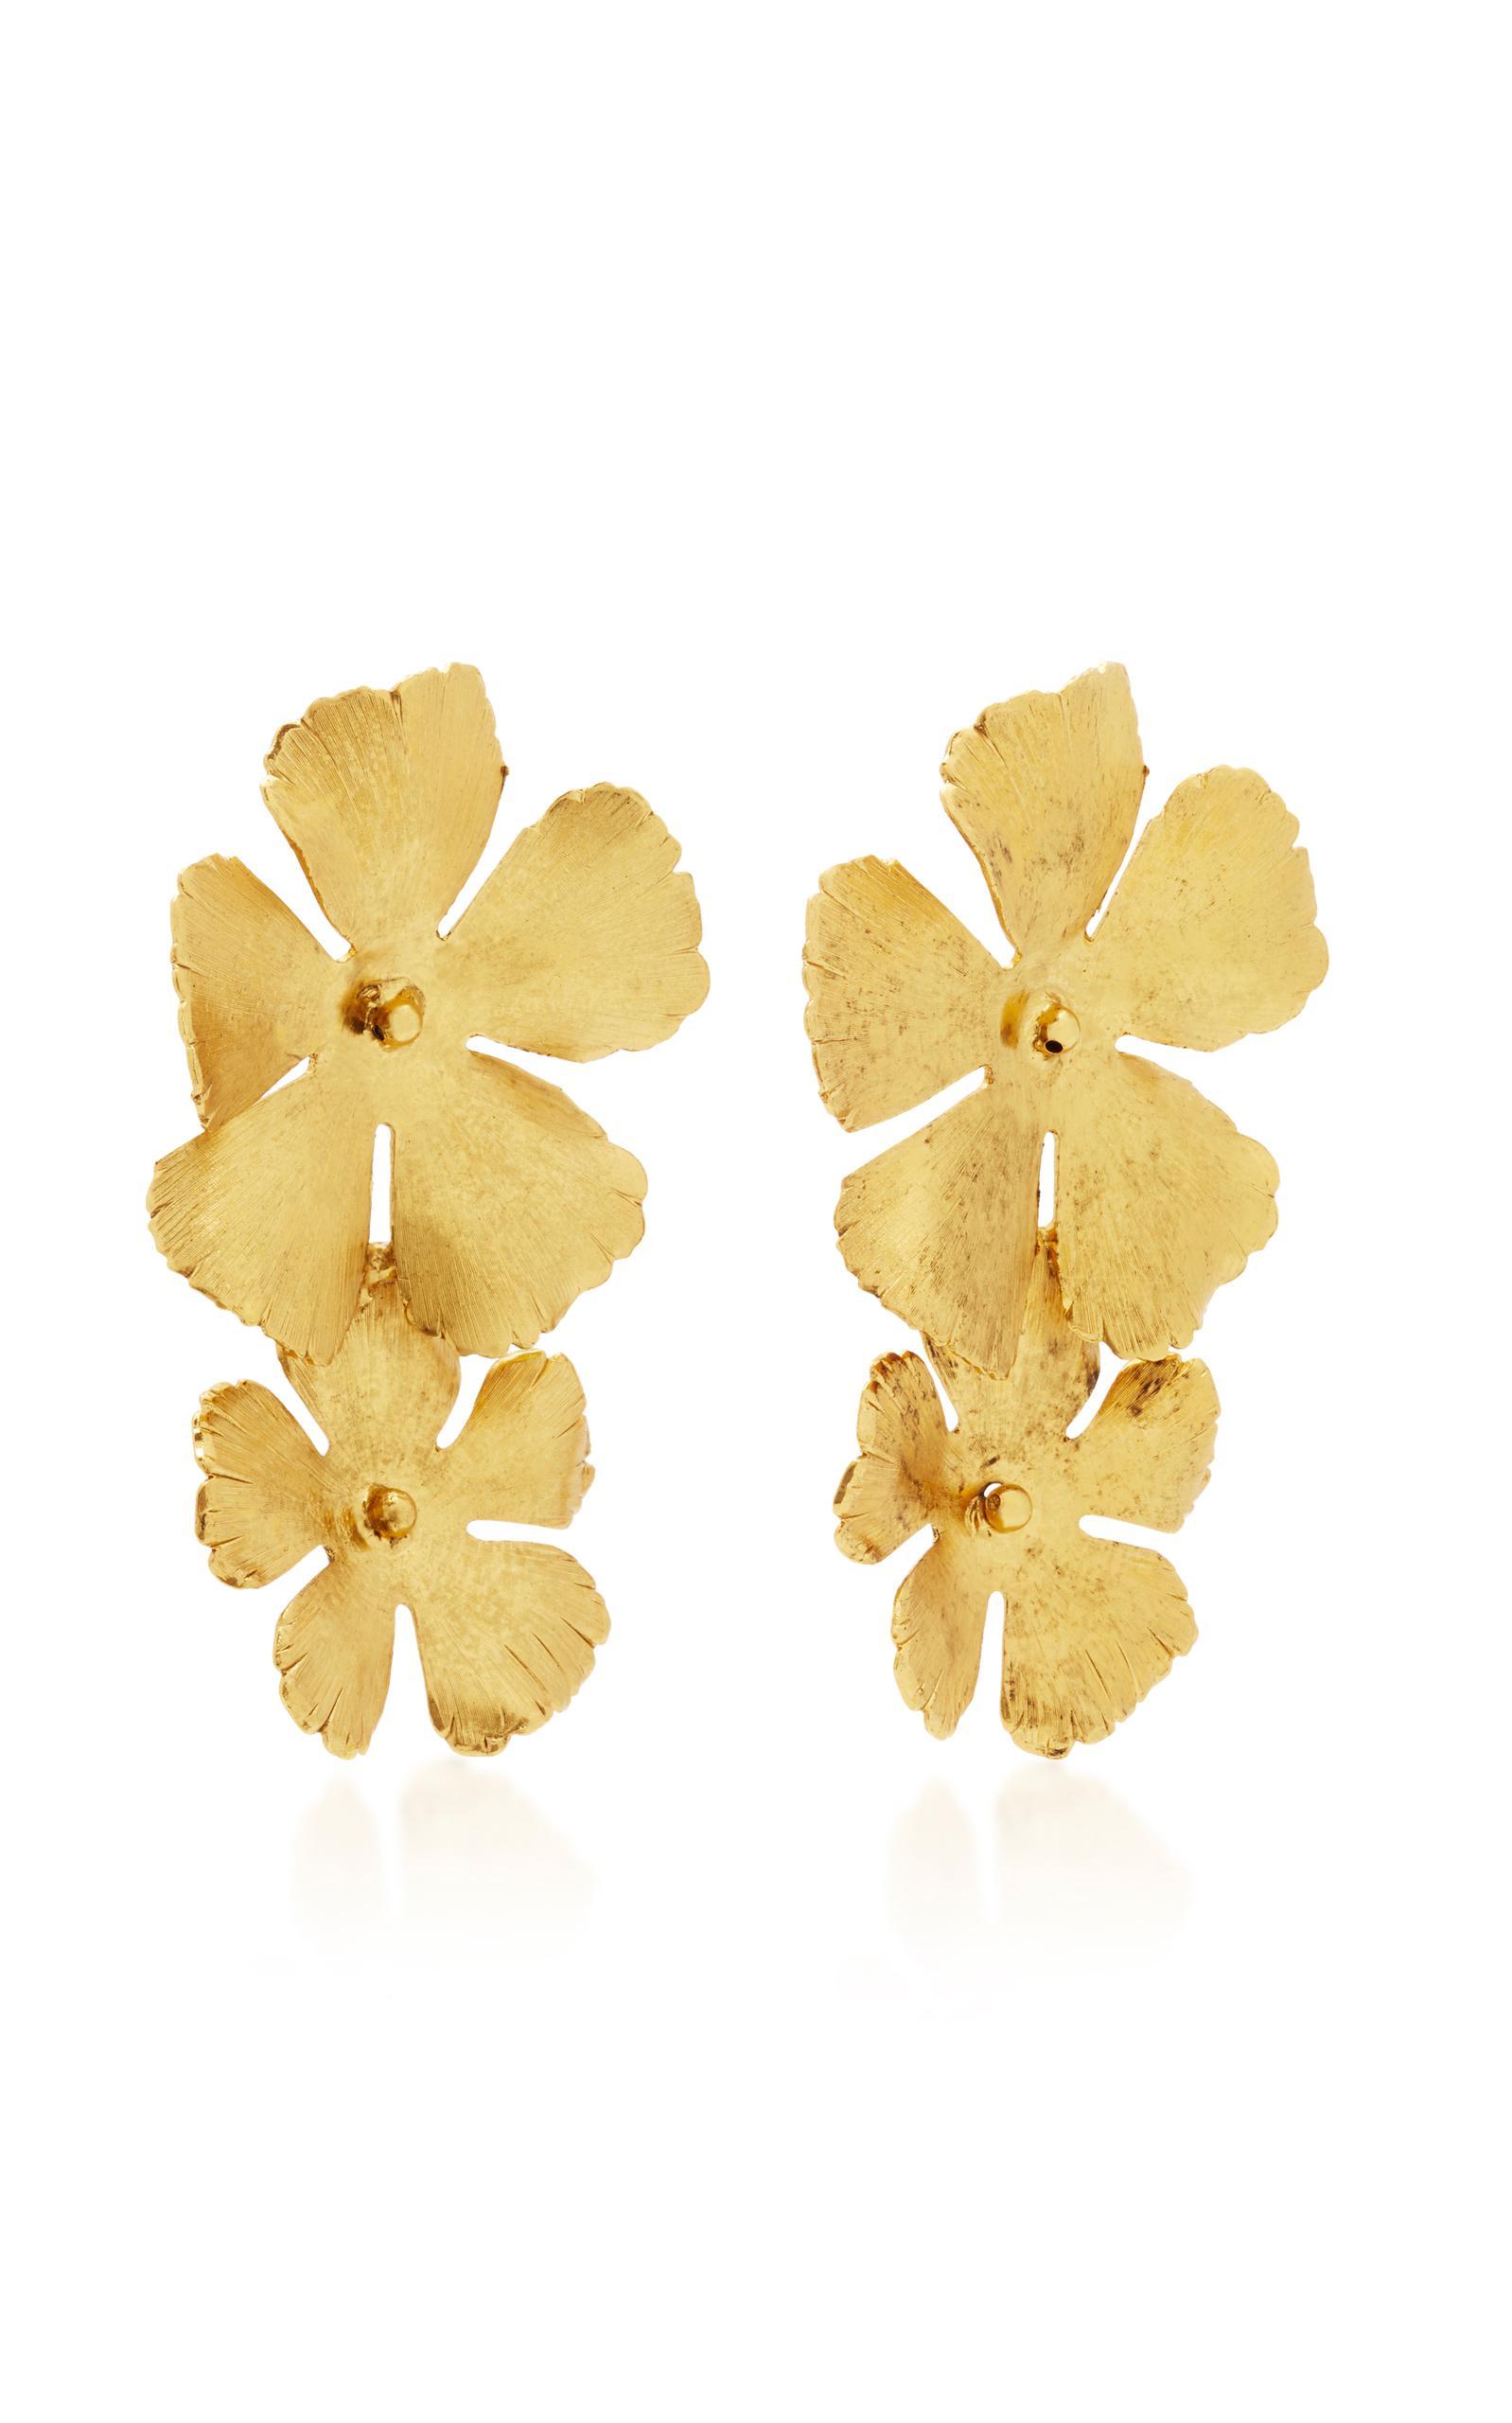 Jennifer Behr Chloe Statement Flower Earrings 2Wf0h